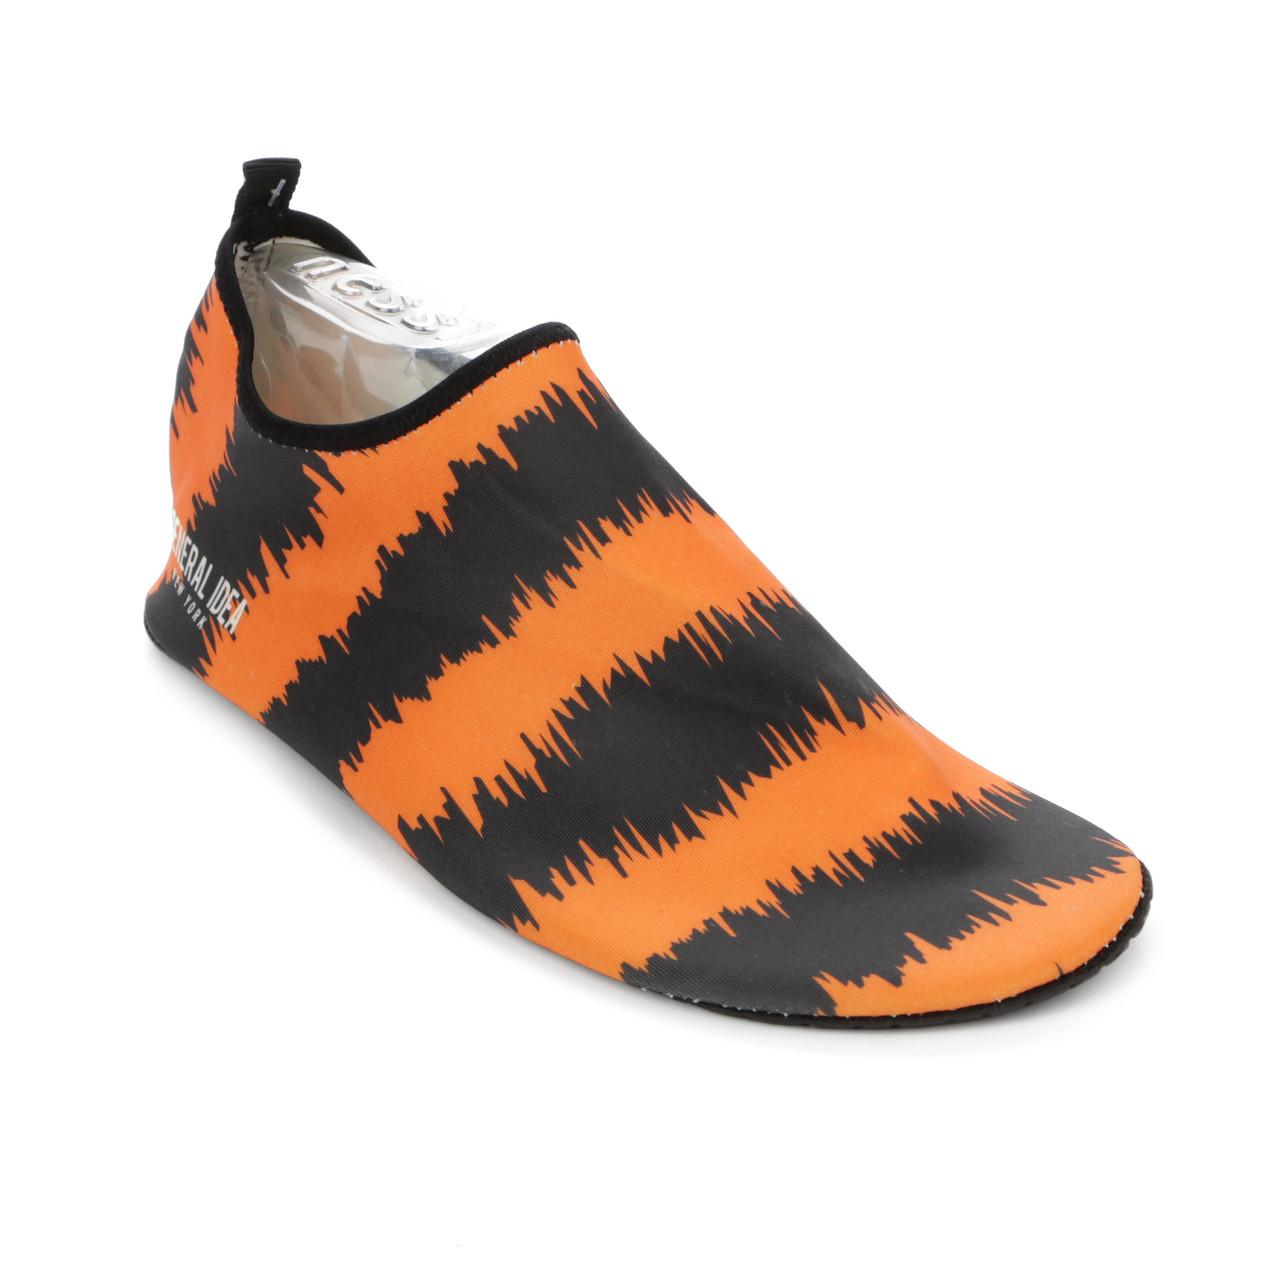 Actos Skin Shoes (разм. 39) (Orange)